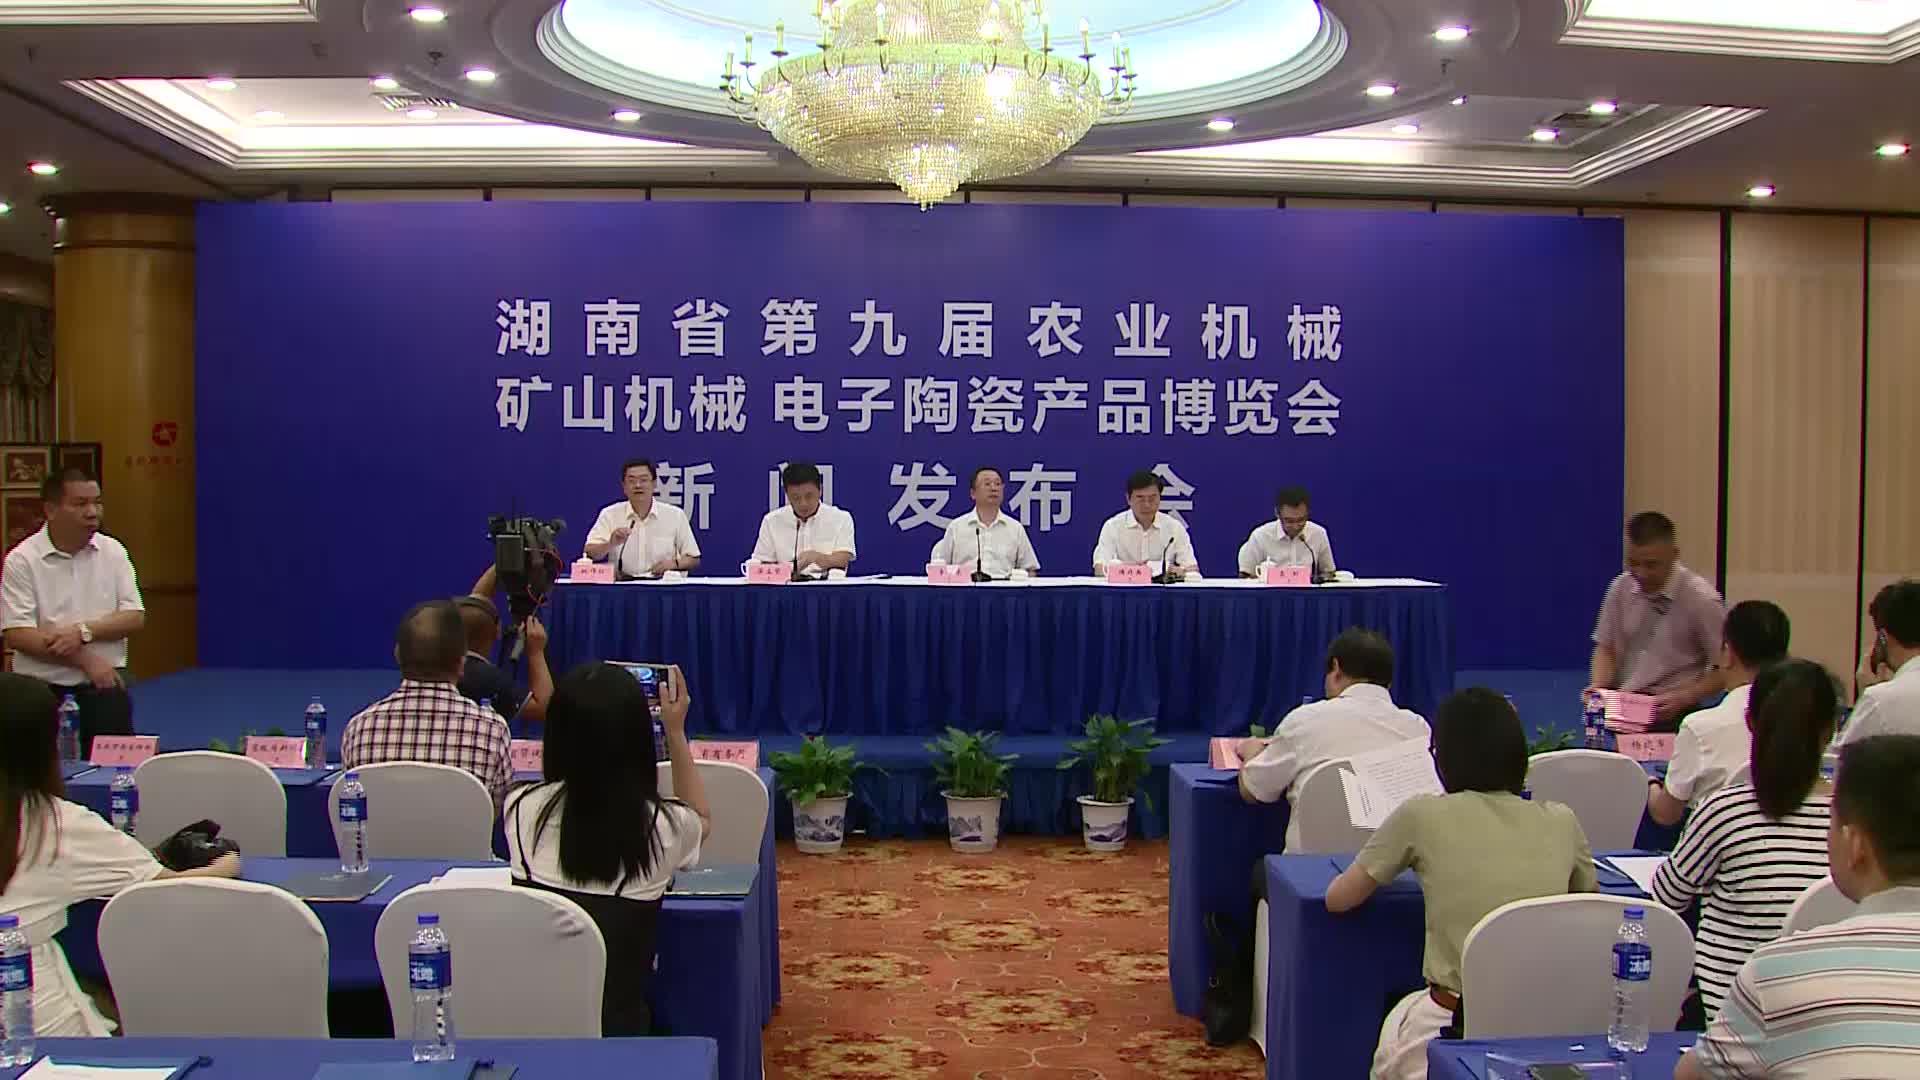 【全程回放】湖南省第九届农业机械 矿山机械 电子陶瓷产品博览会新闻发布会